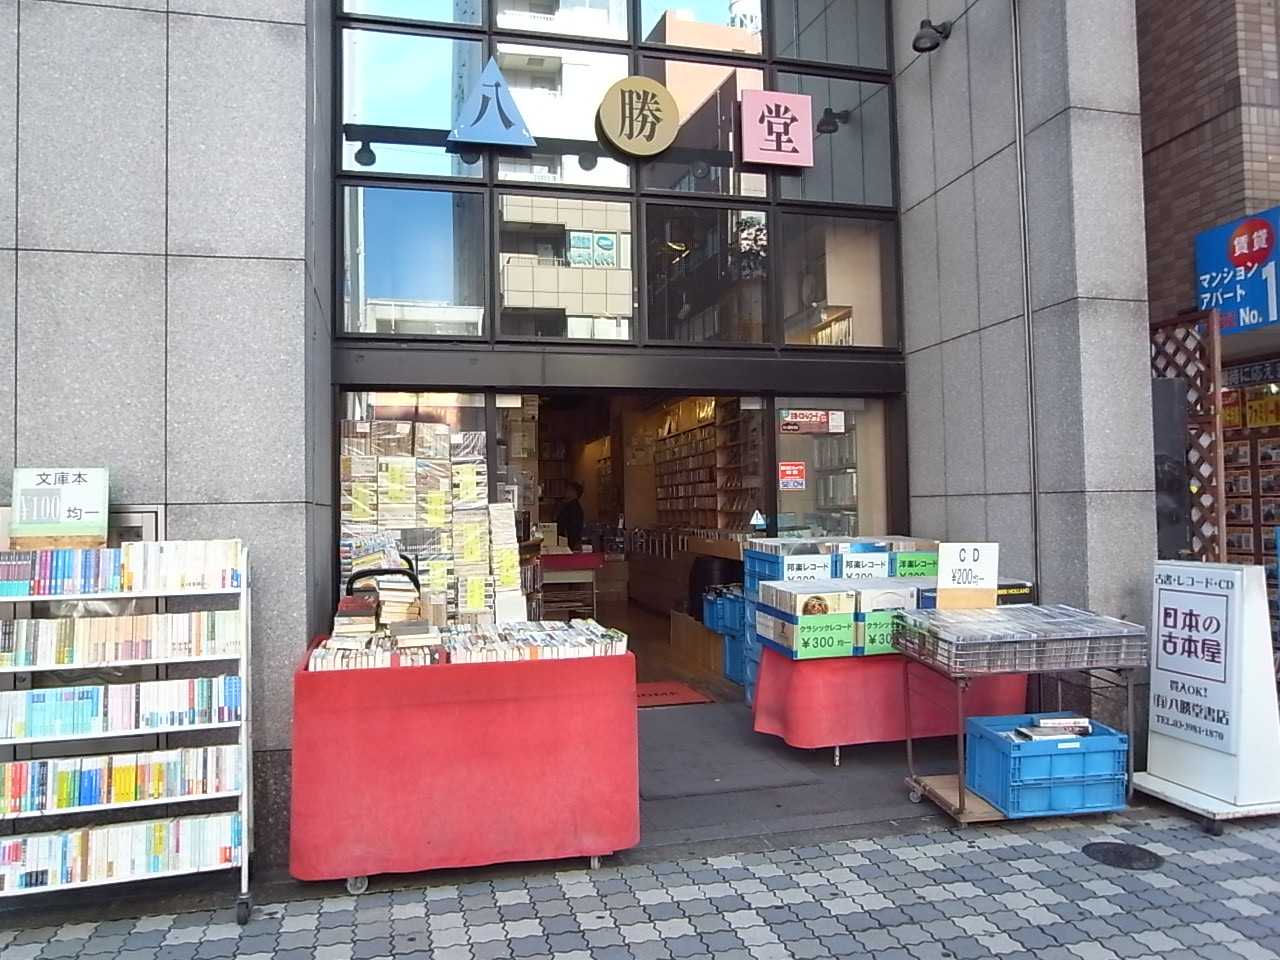 書店入り口。店内は高い天井までビッシリ埋まっているのレコードと本の山。